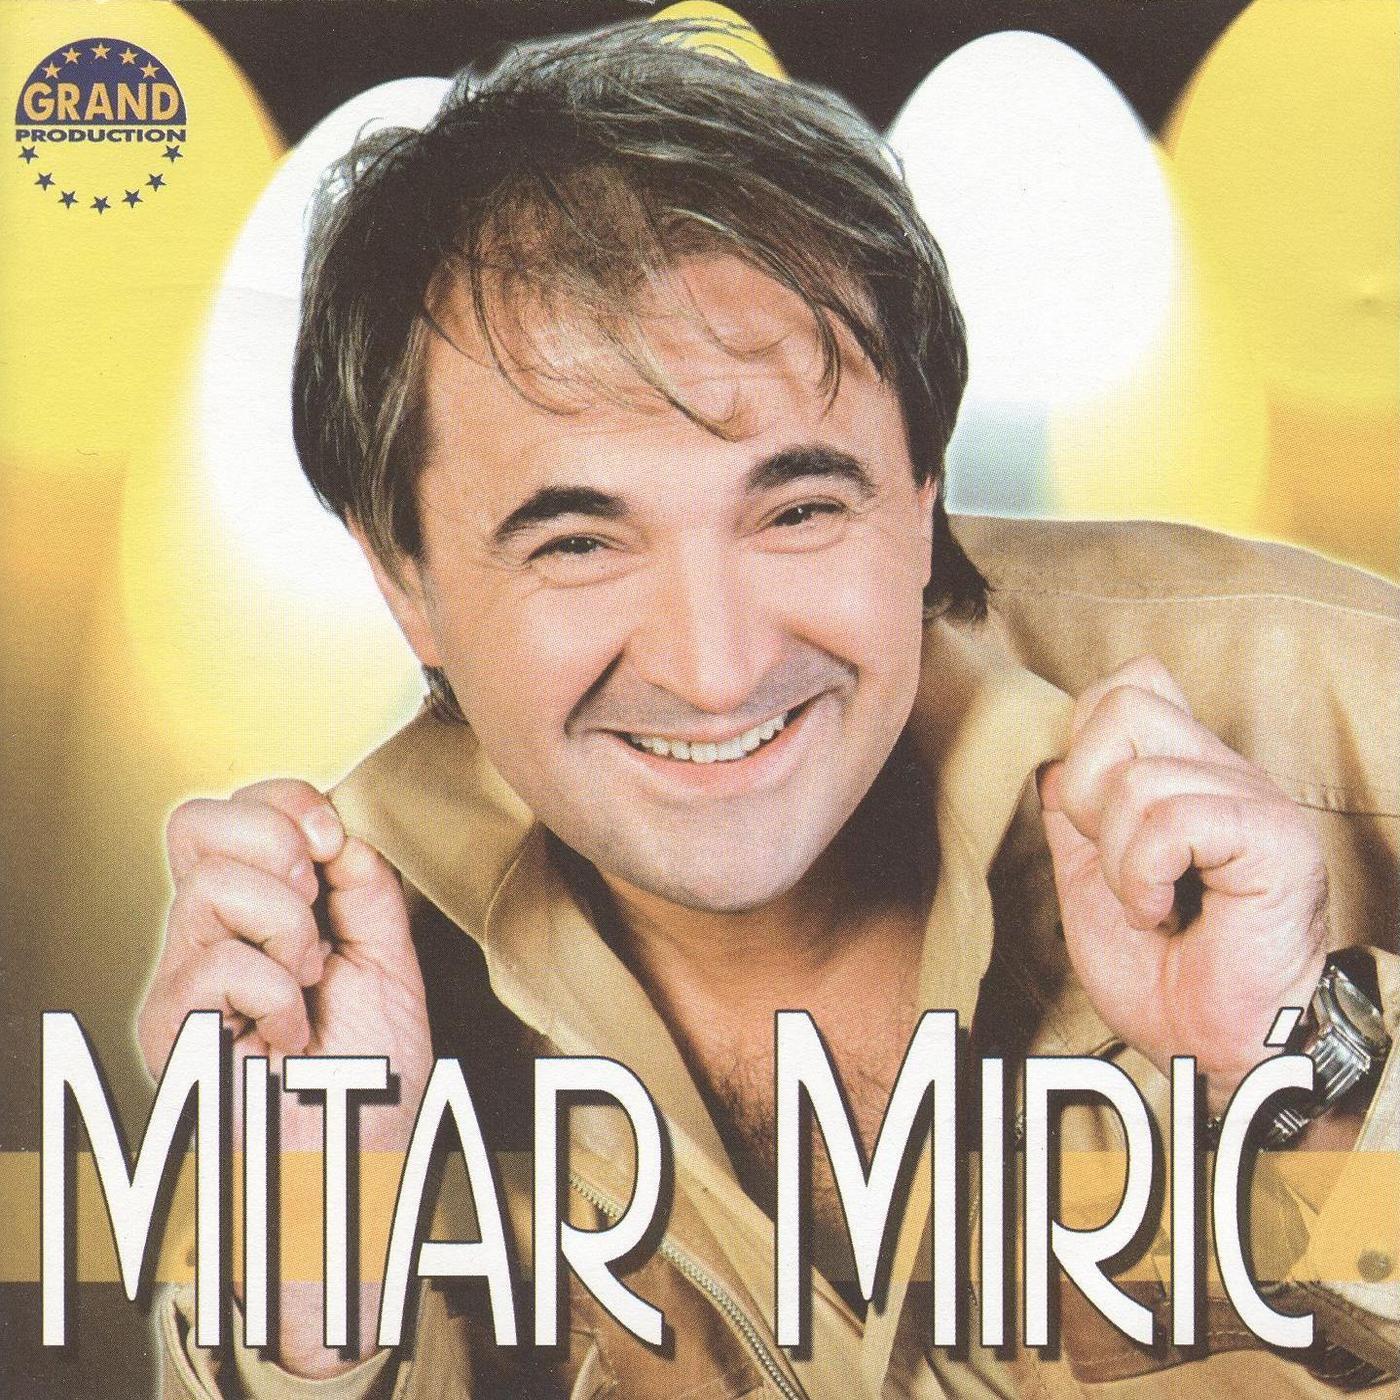 """""""Mitar Miric (Serbian Music)"""" von Mitar Miric in iTunes - 1400x1400sr"""